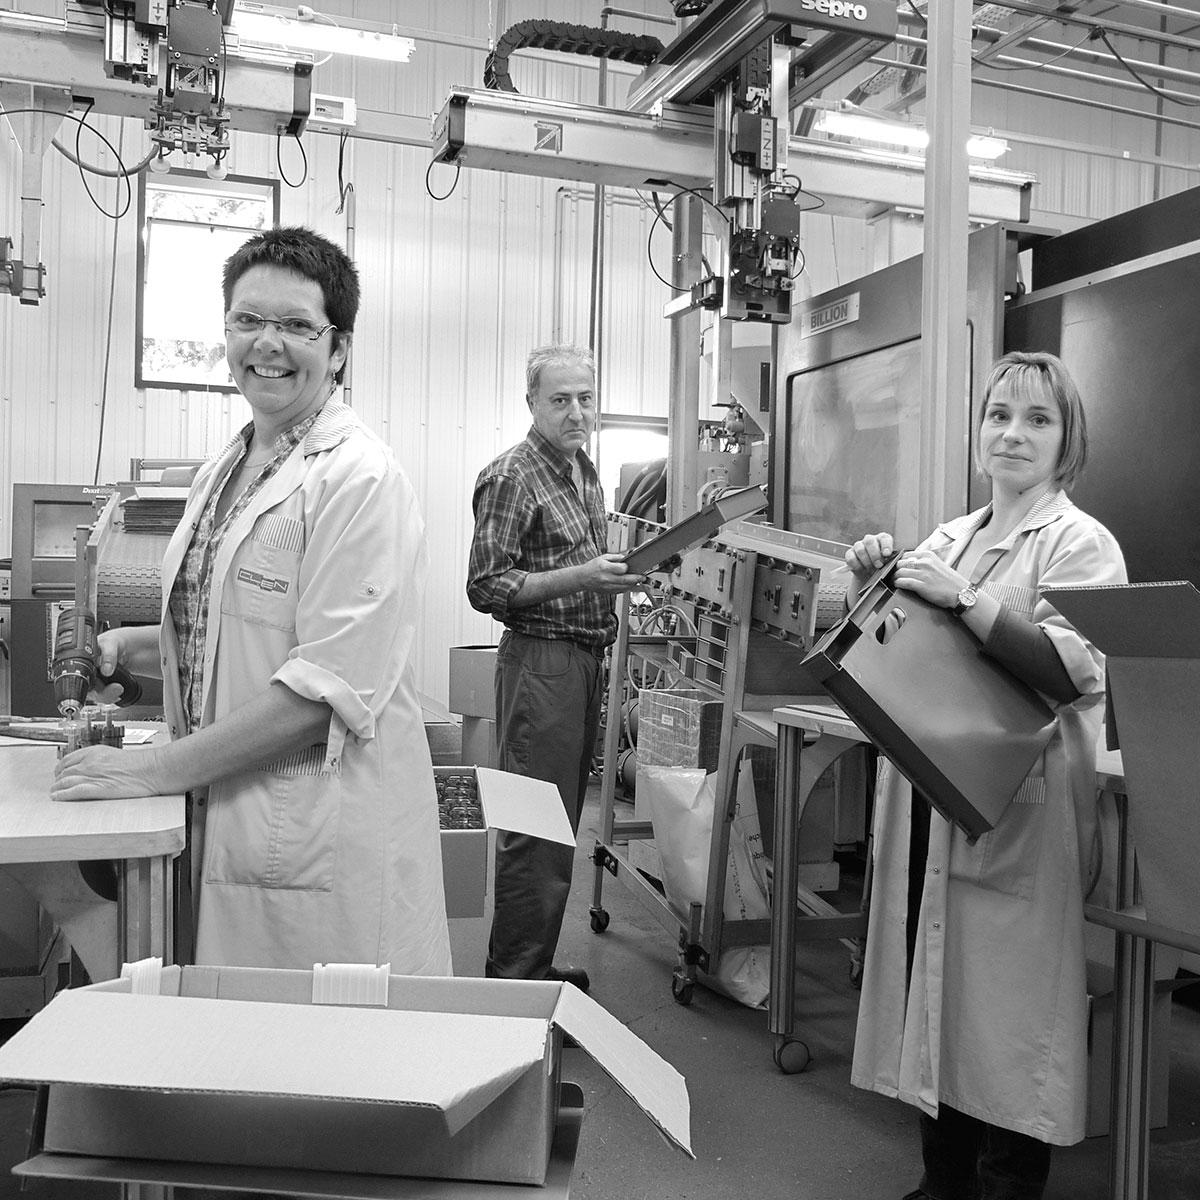 Des ouvriers dans une usine